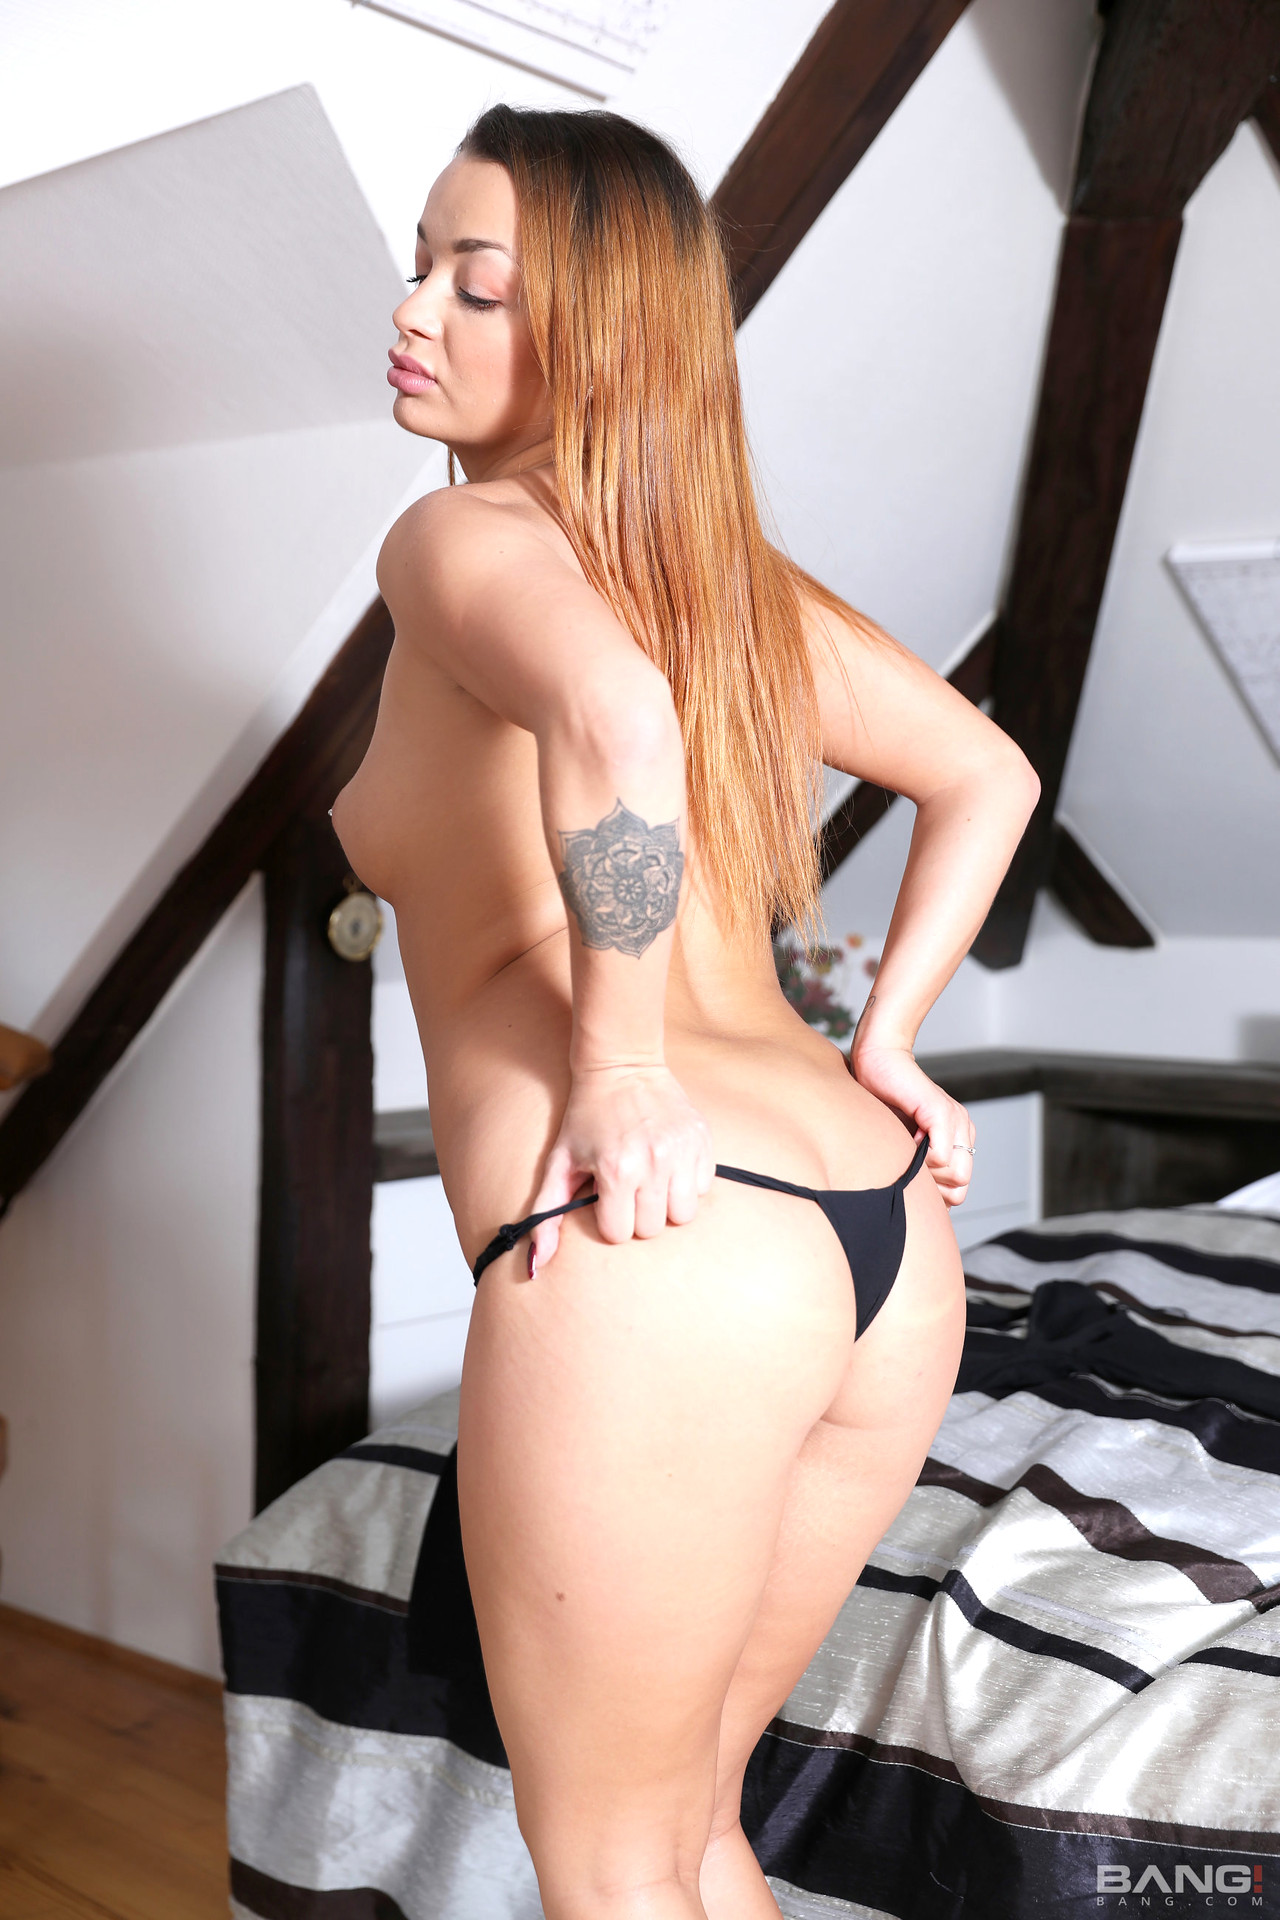 Daphne porn pics